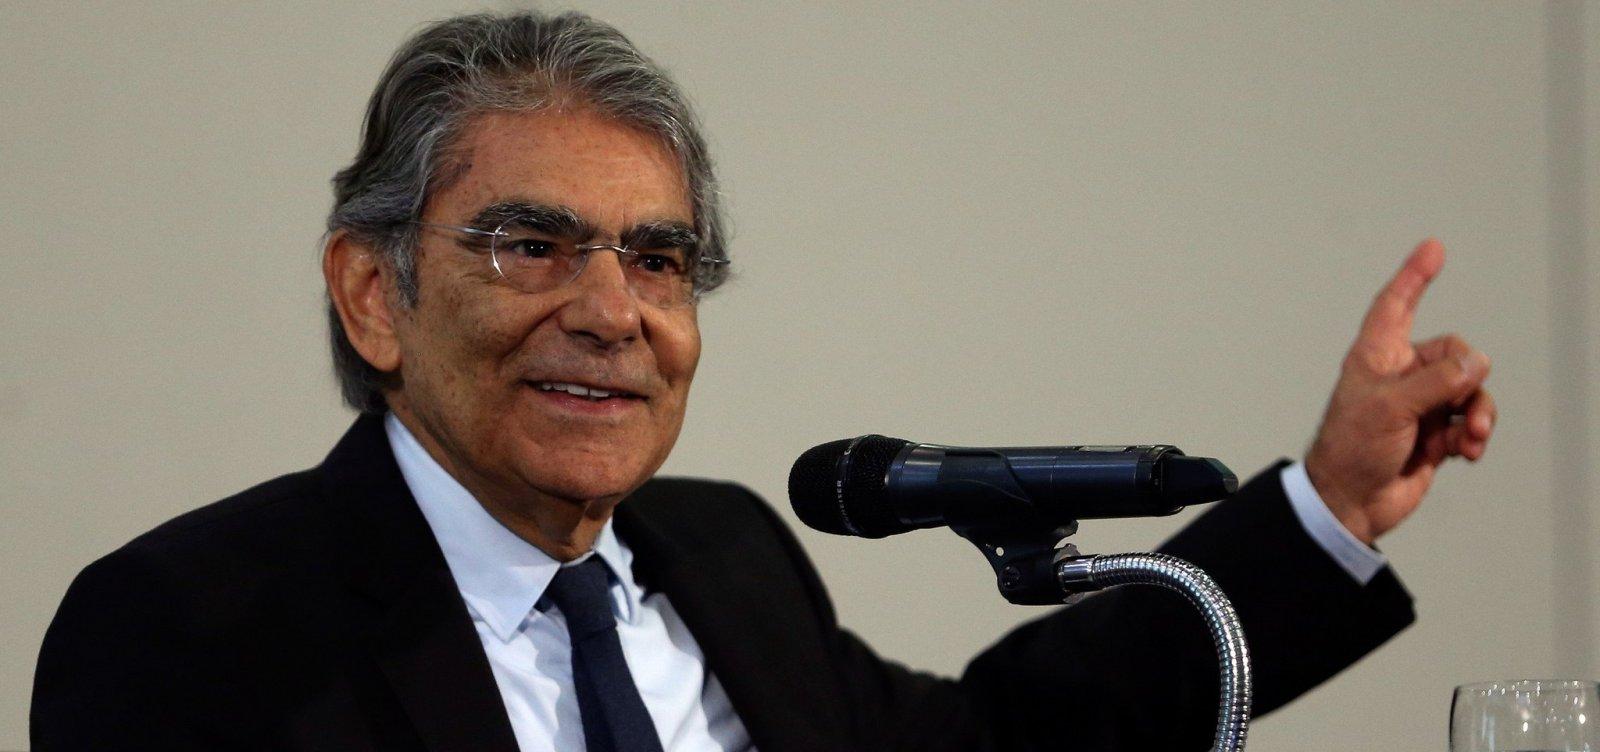 [Exoneração de Moro para assumir Ministério compromete imagem do Judiciário, diz Ayres Britto]